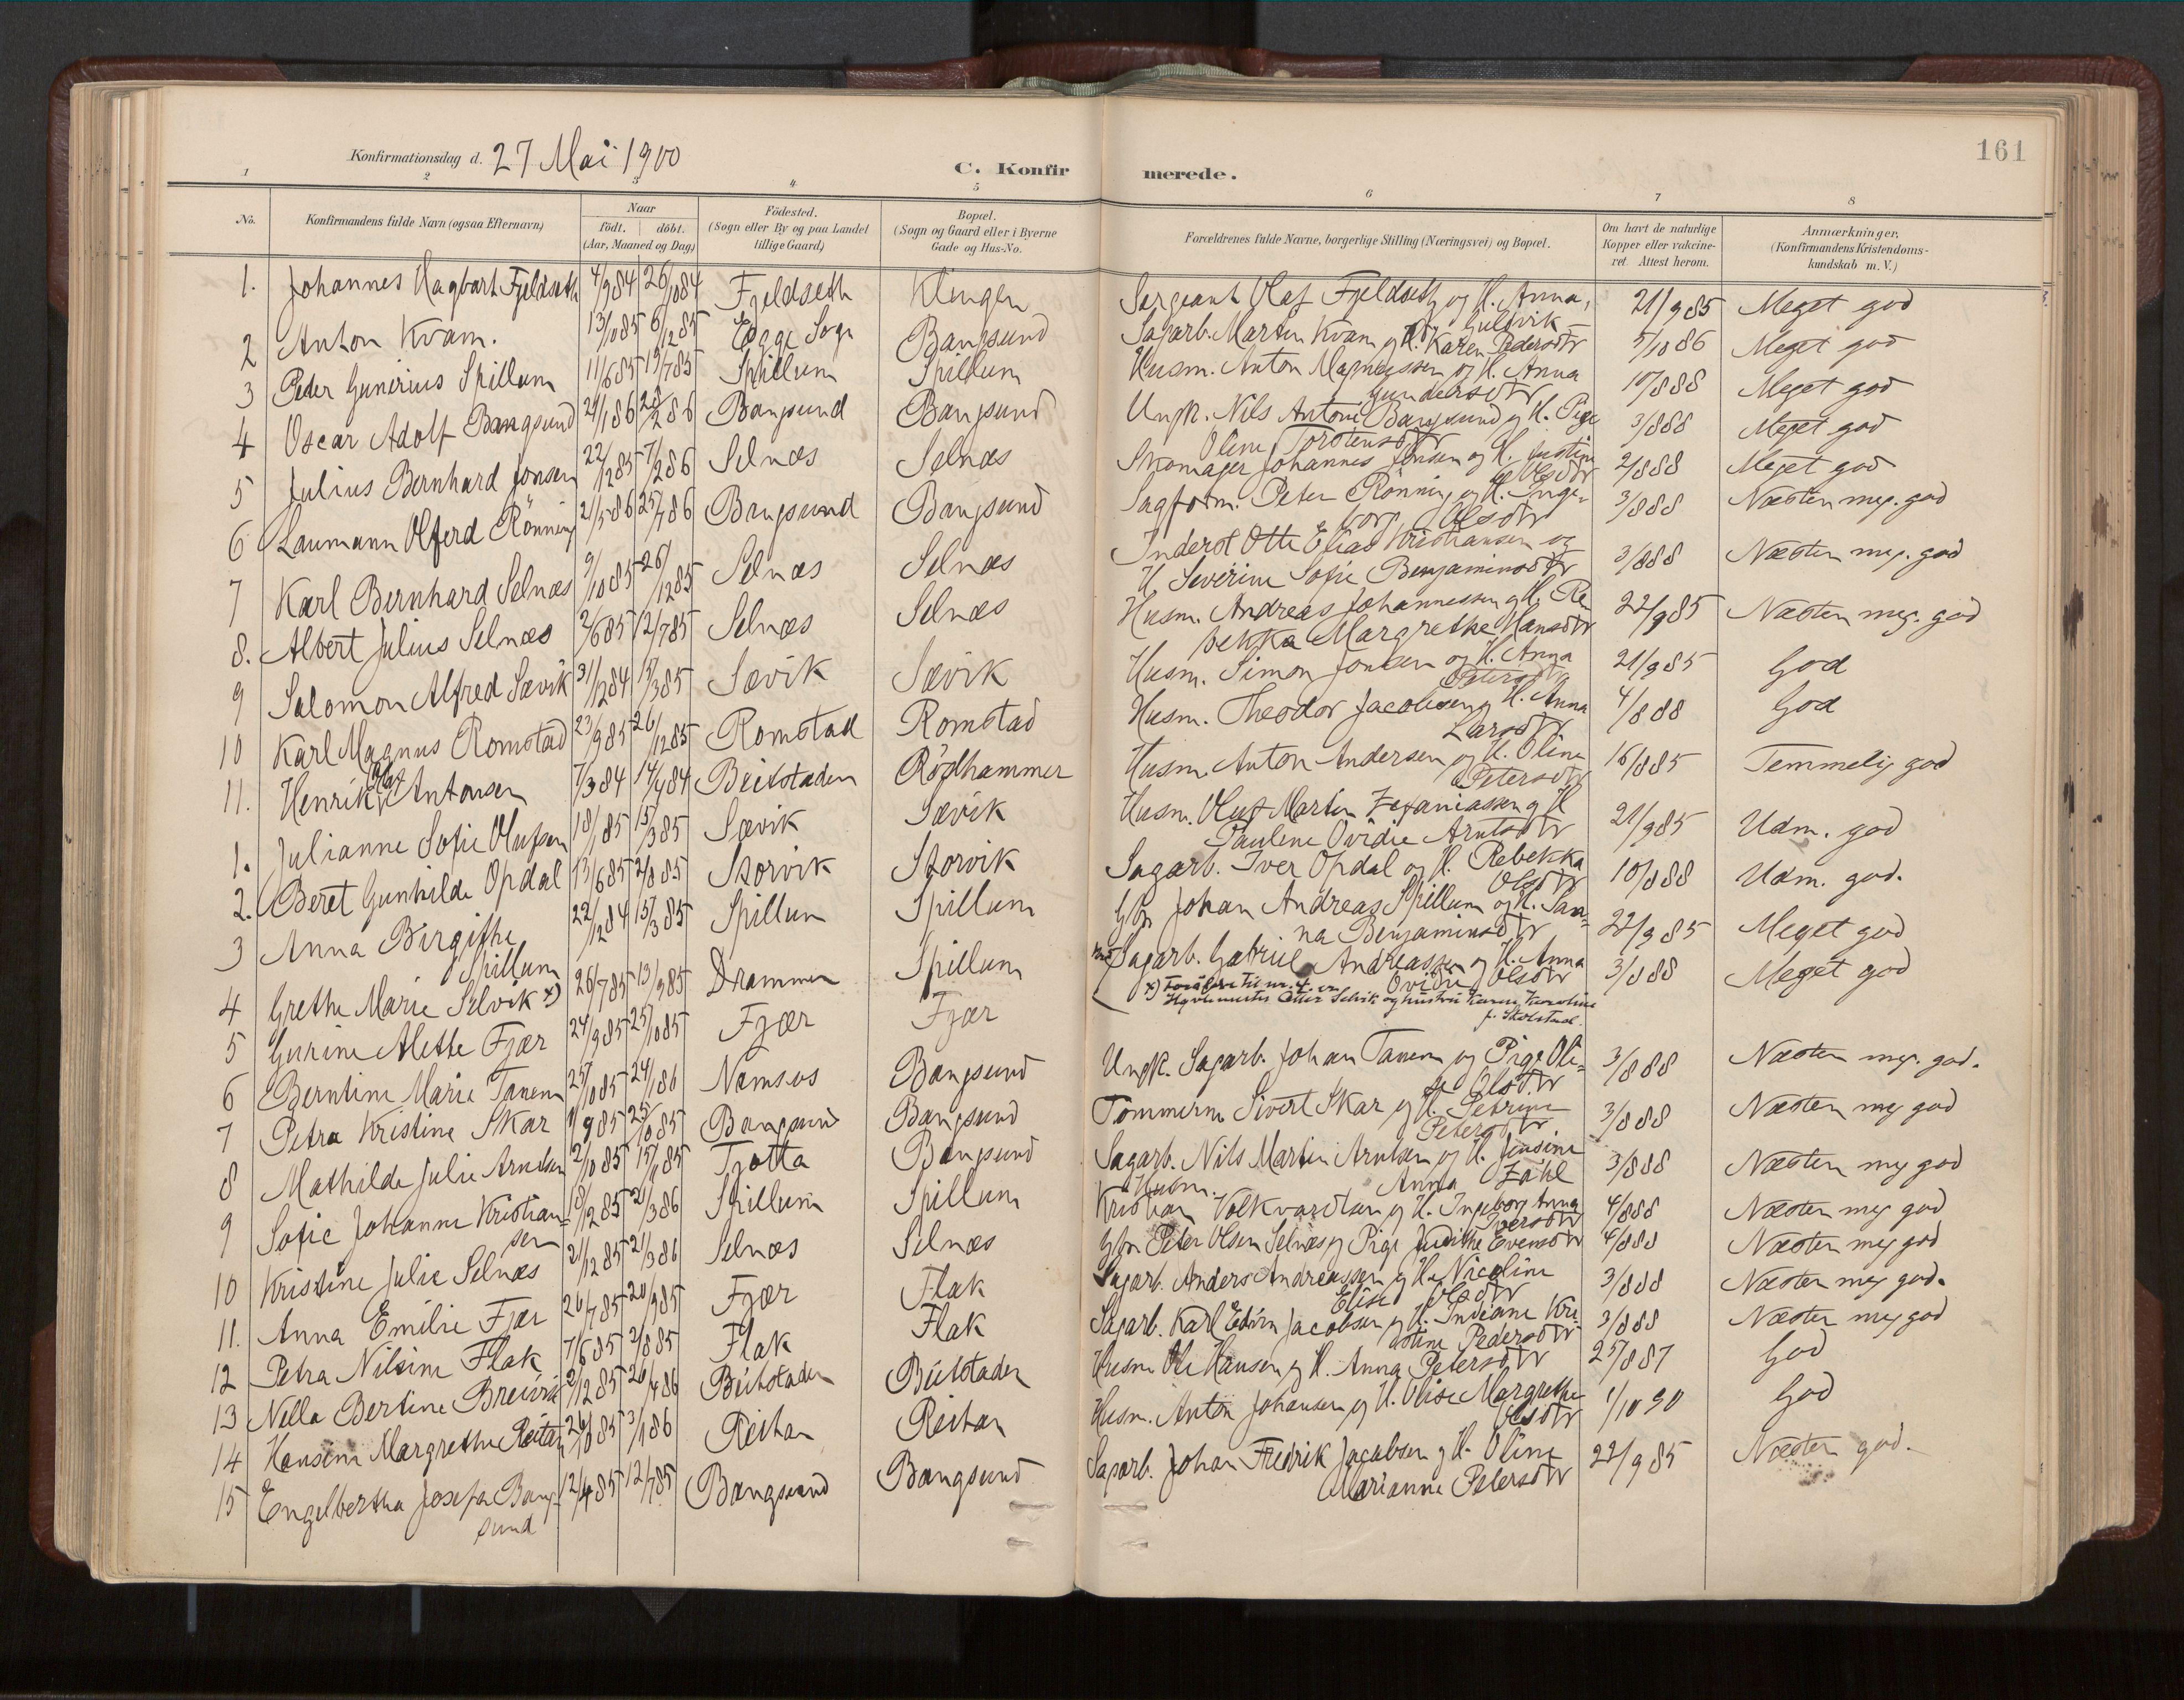 SAT, Ministerialprotokoller, klokkerbøker og fødselsregistre - Nord-Trøndelag, 770/L0589: Ministerialbok nr. 770A03, 1887-1929, s. 161